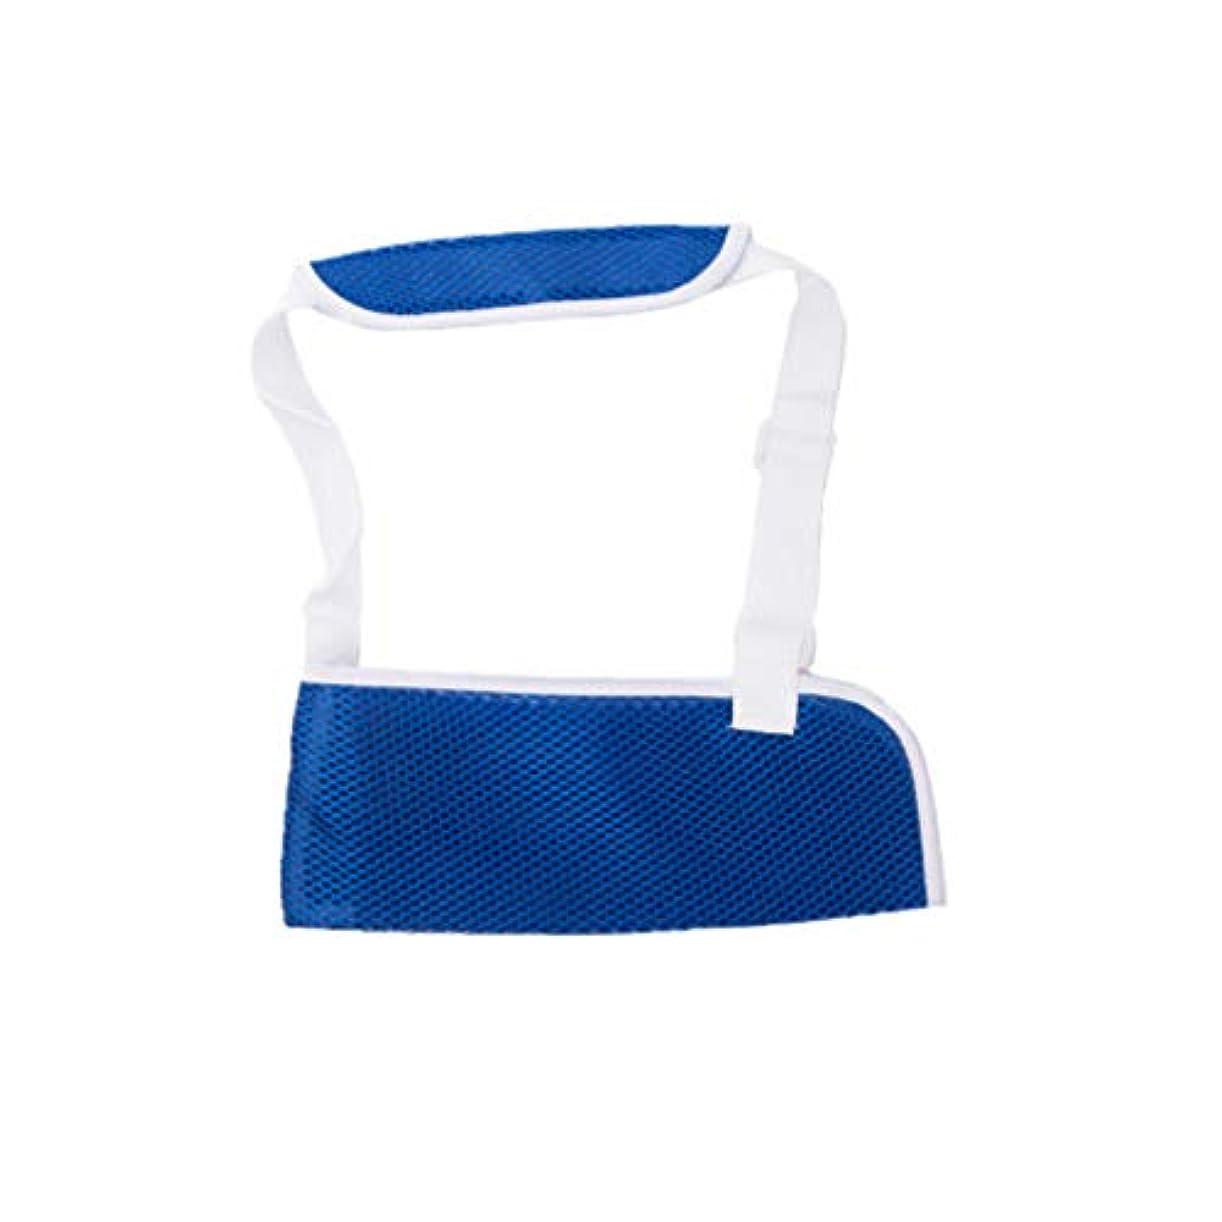 散らす探すすぐにHealifty アームスリング通気性アームサポートブレースショルダーストラップ骨折した腕用(サイズs)